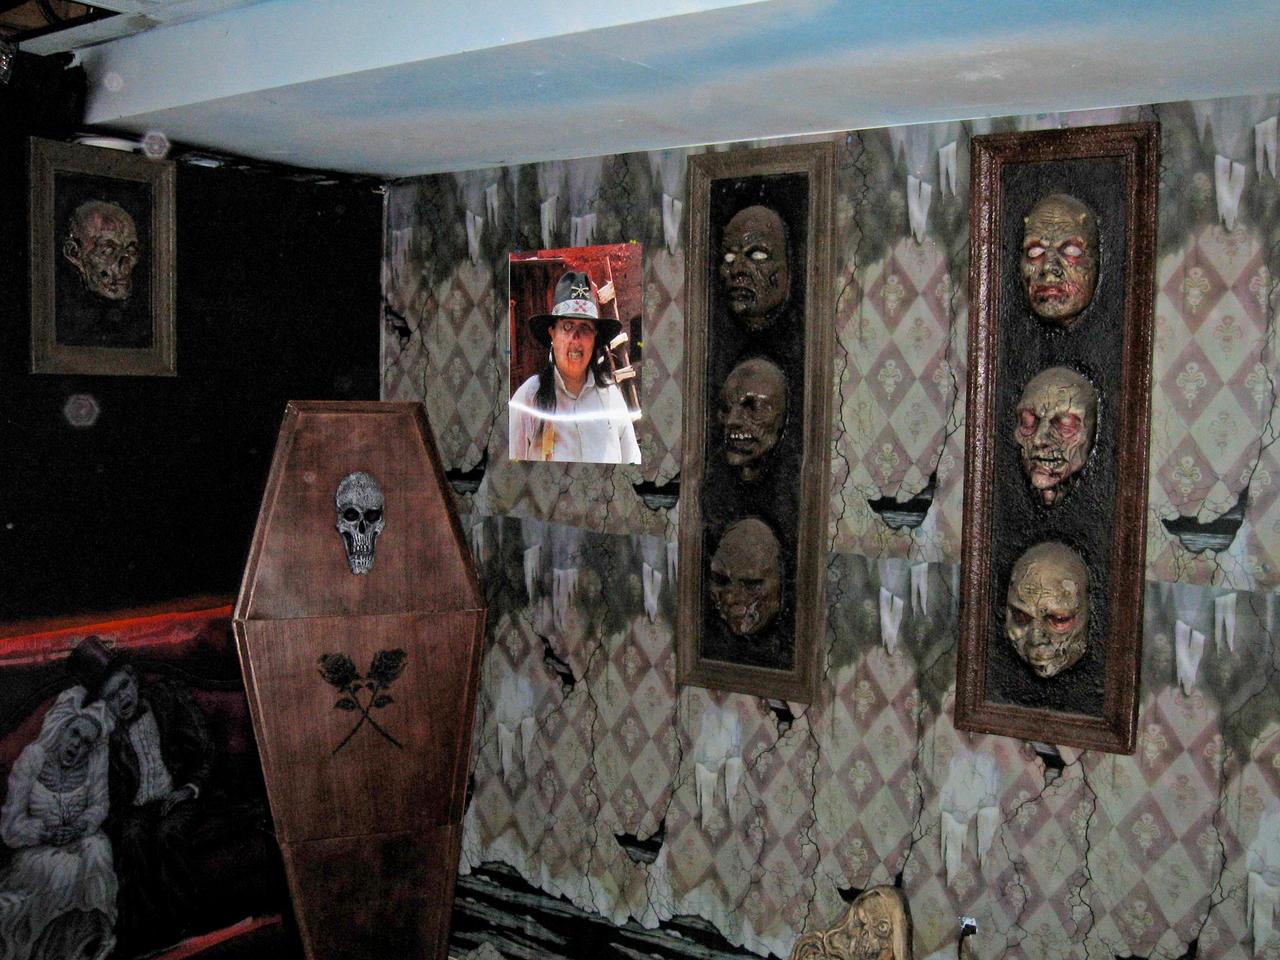 halloween prop stock 10 by aretestock halloween prop stock 10 by aretestock - Halloween Prop